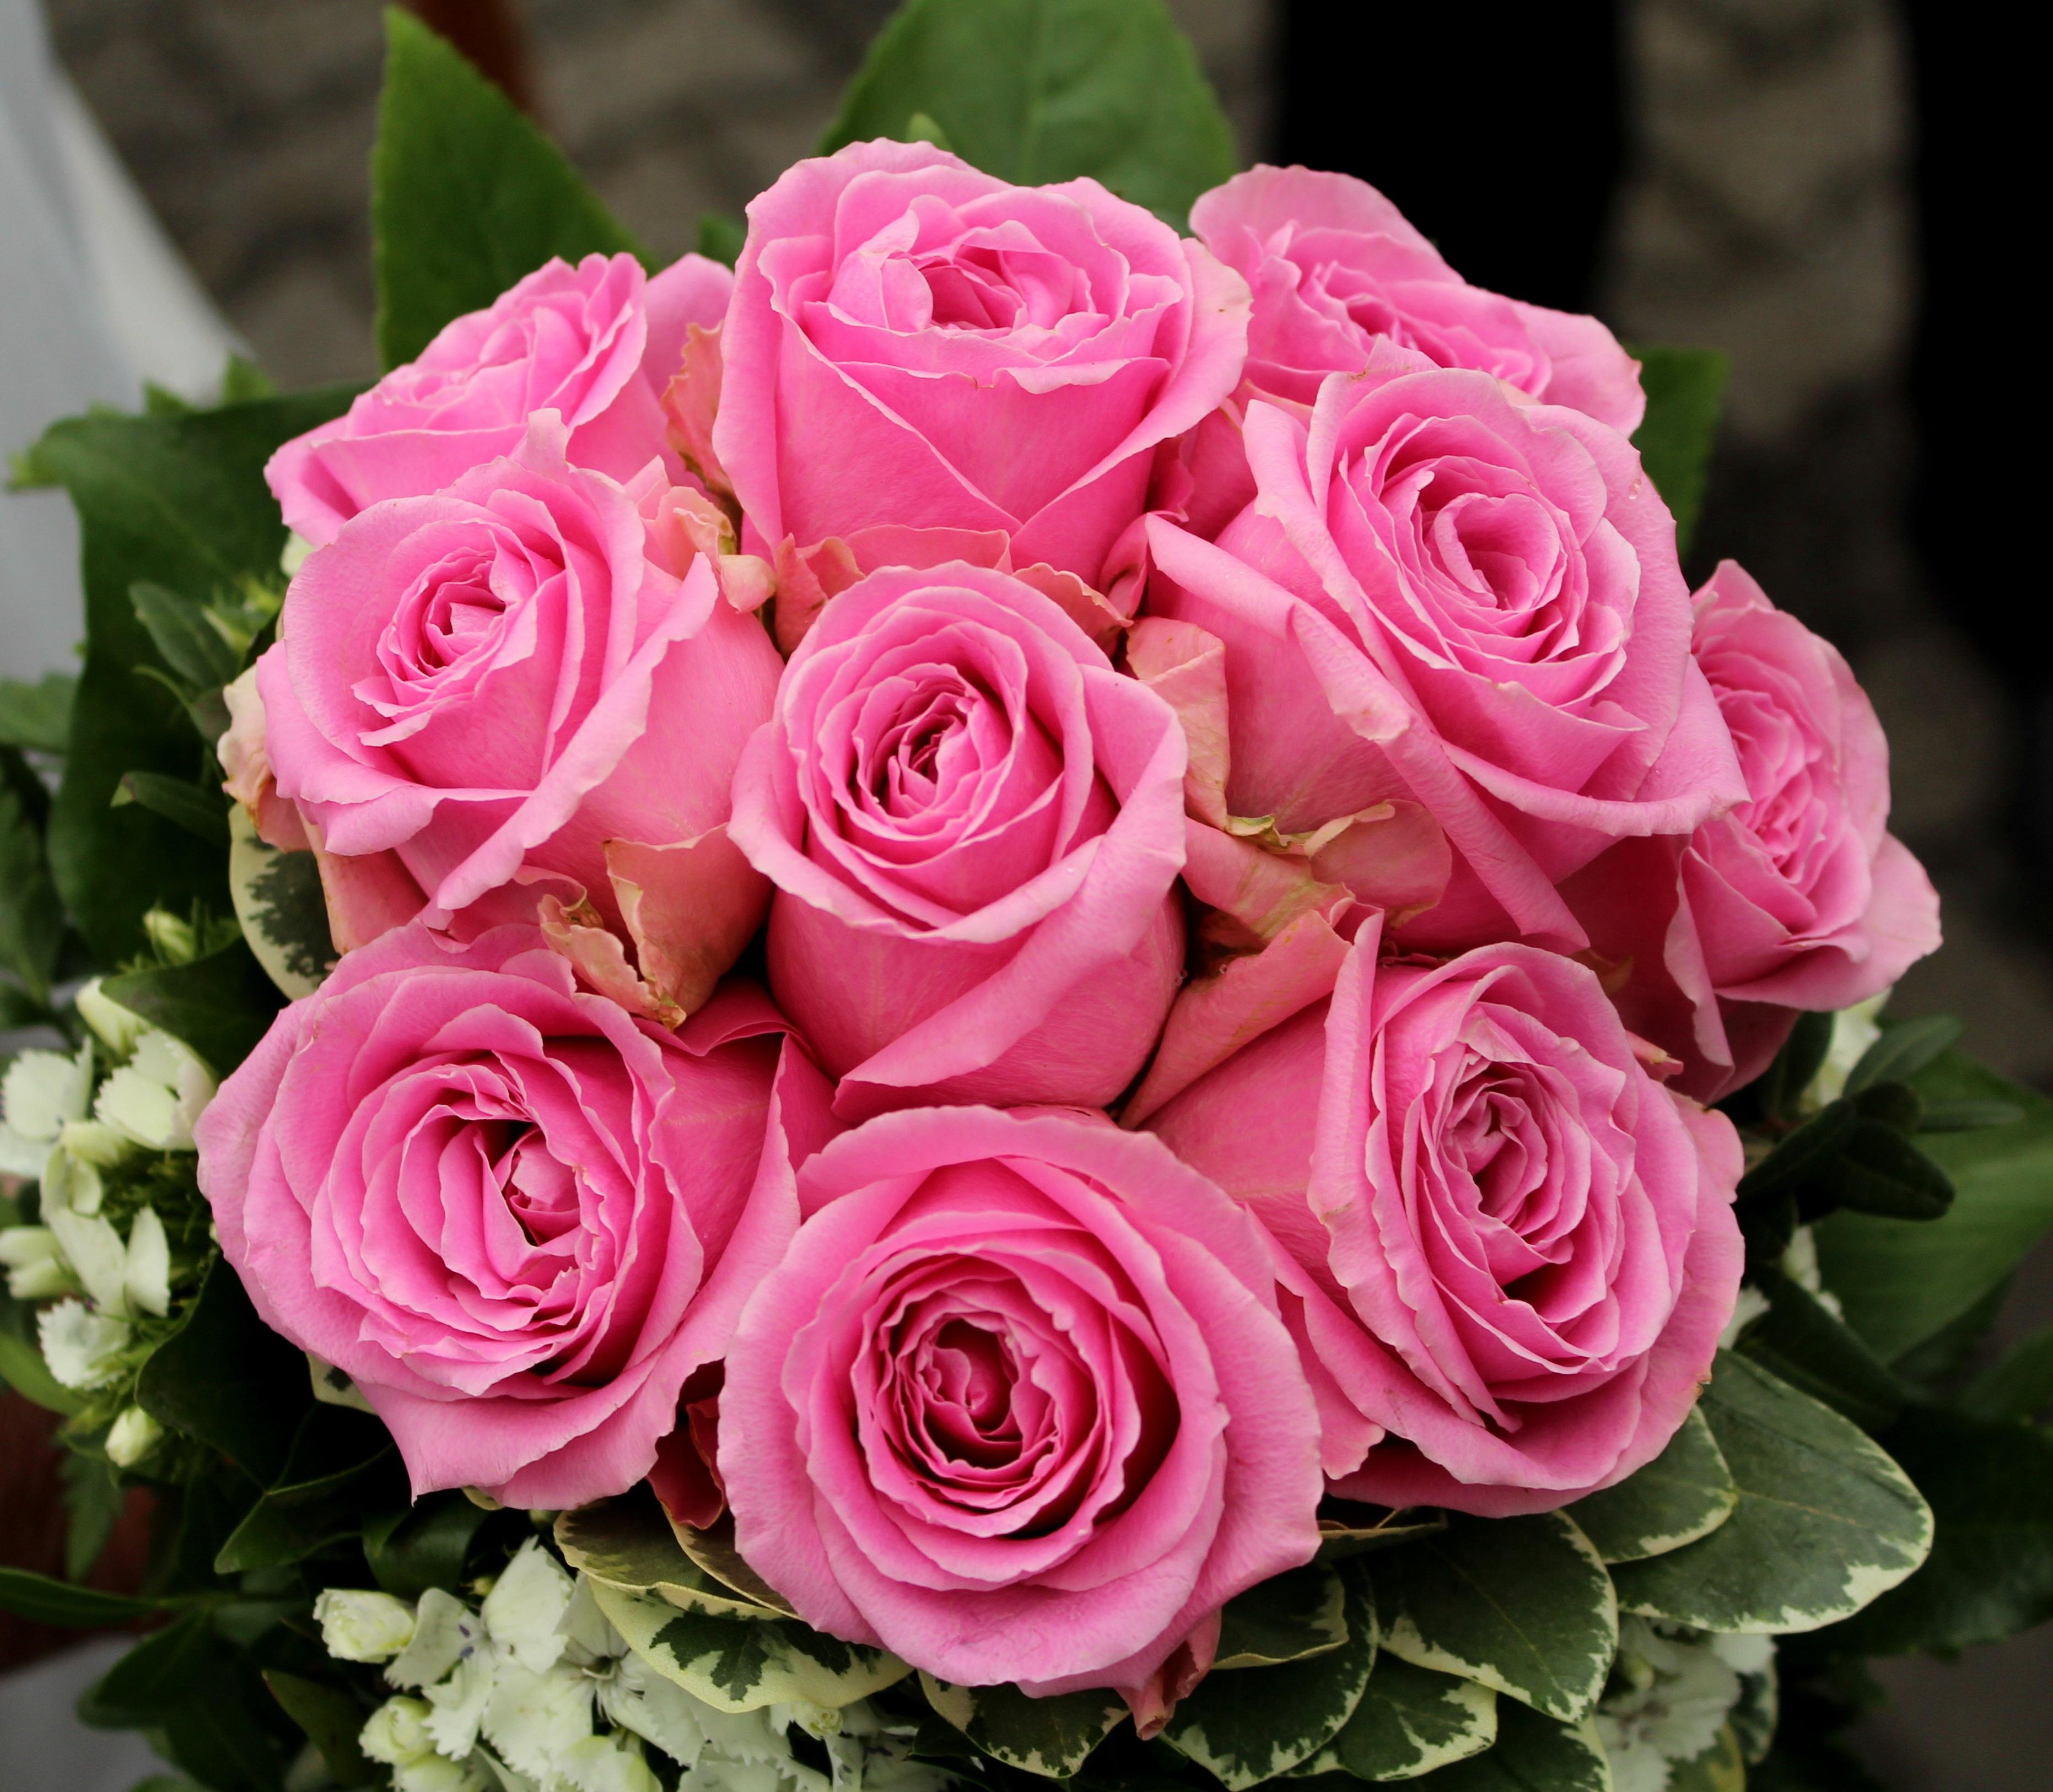 รูปภาพ : ปลูก, กลีบดอกไม้, ดอกกุหลาบ, สีชมพู, floribunda ...